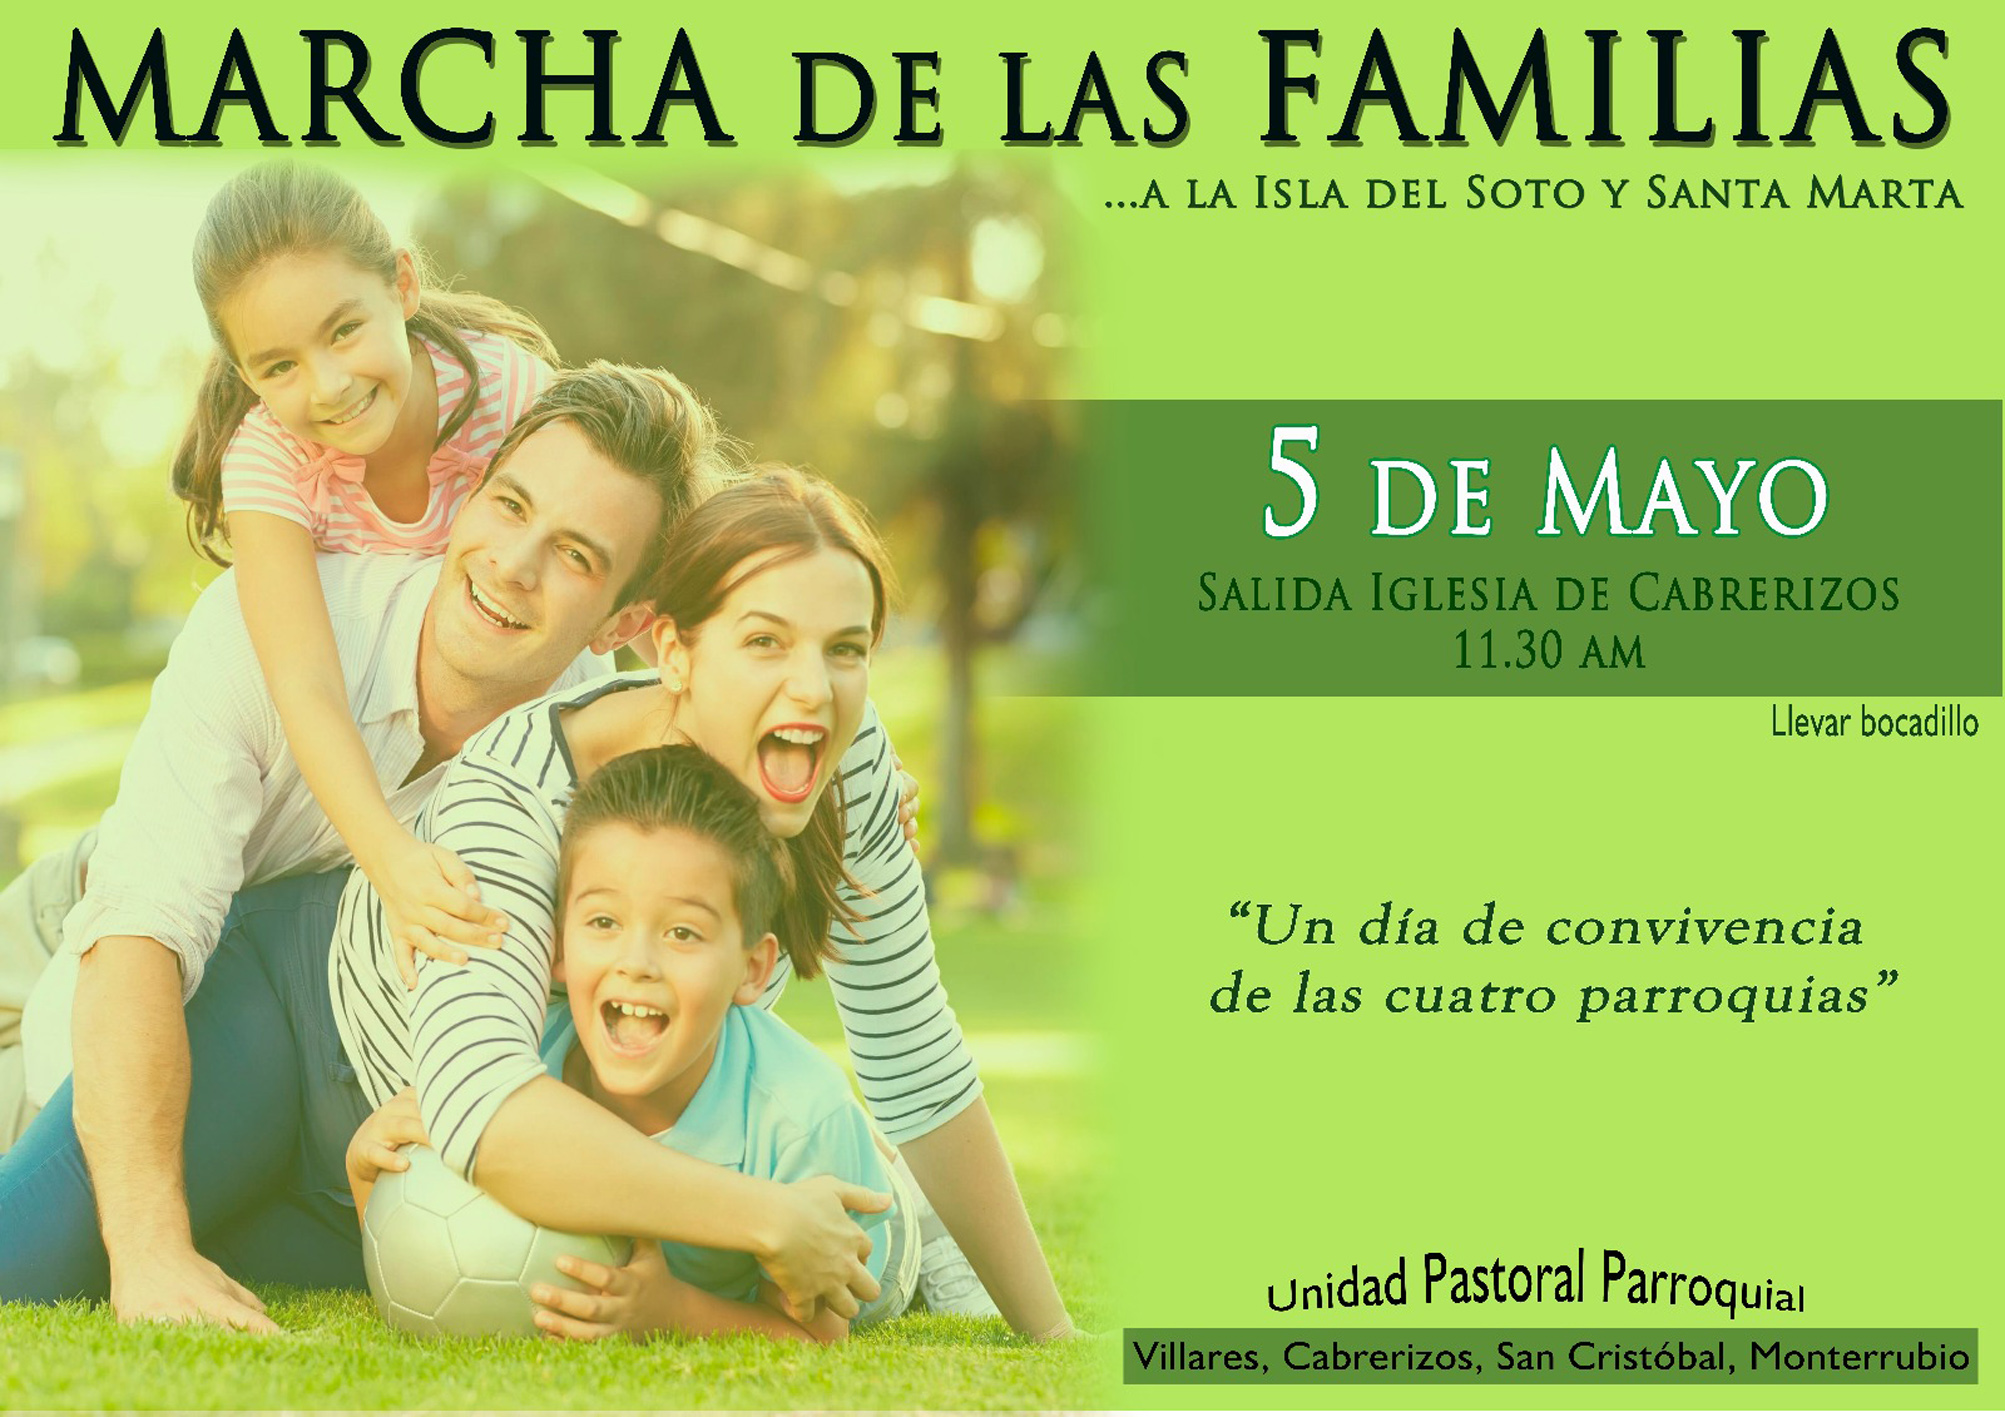 MARCHA DE LAS FAMILIAS